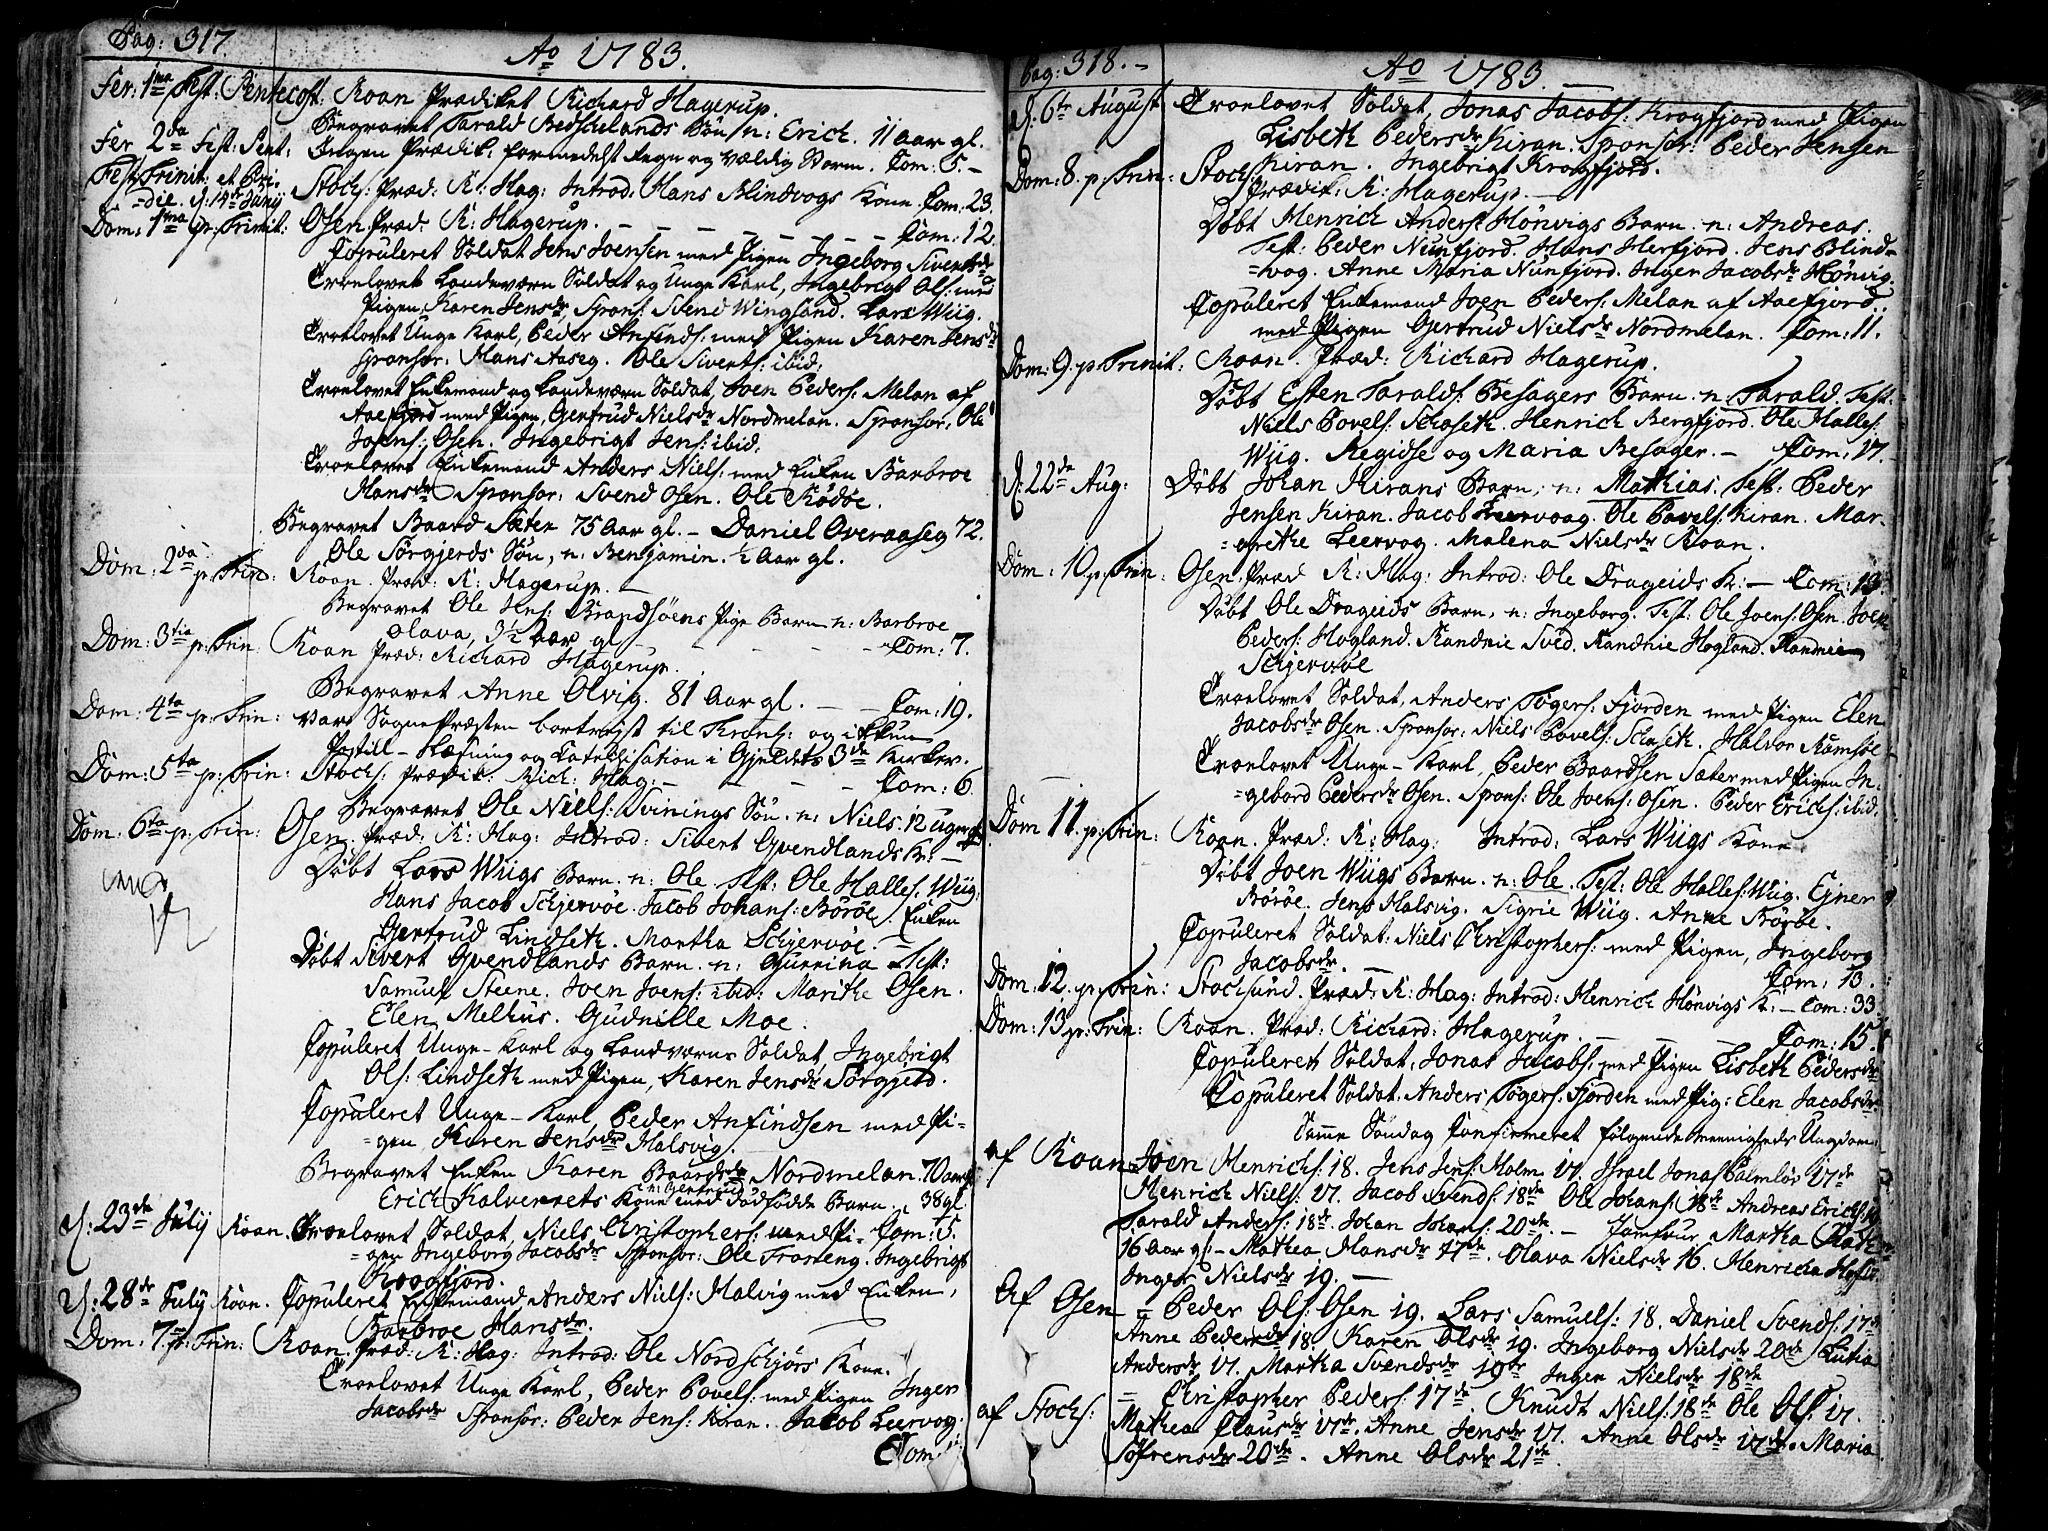 SAT, Ministerialprotokoller, klokkerbøker og fødselsregistre - Sør-Trøndelag, 657/L0700: Ministerialbok nr. 657A01, 1732-1801, s. 317-318